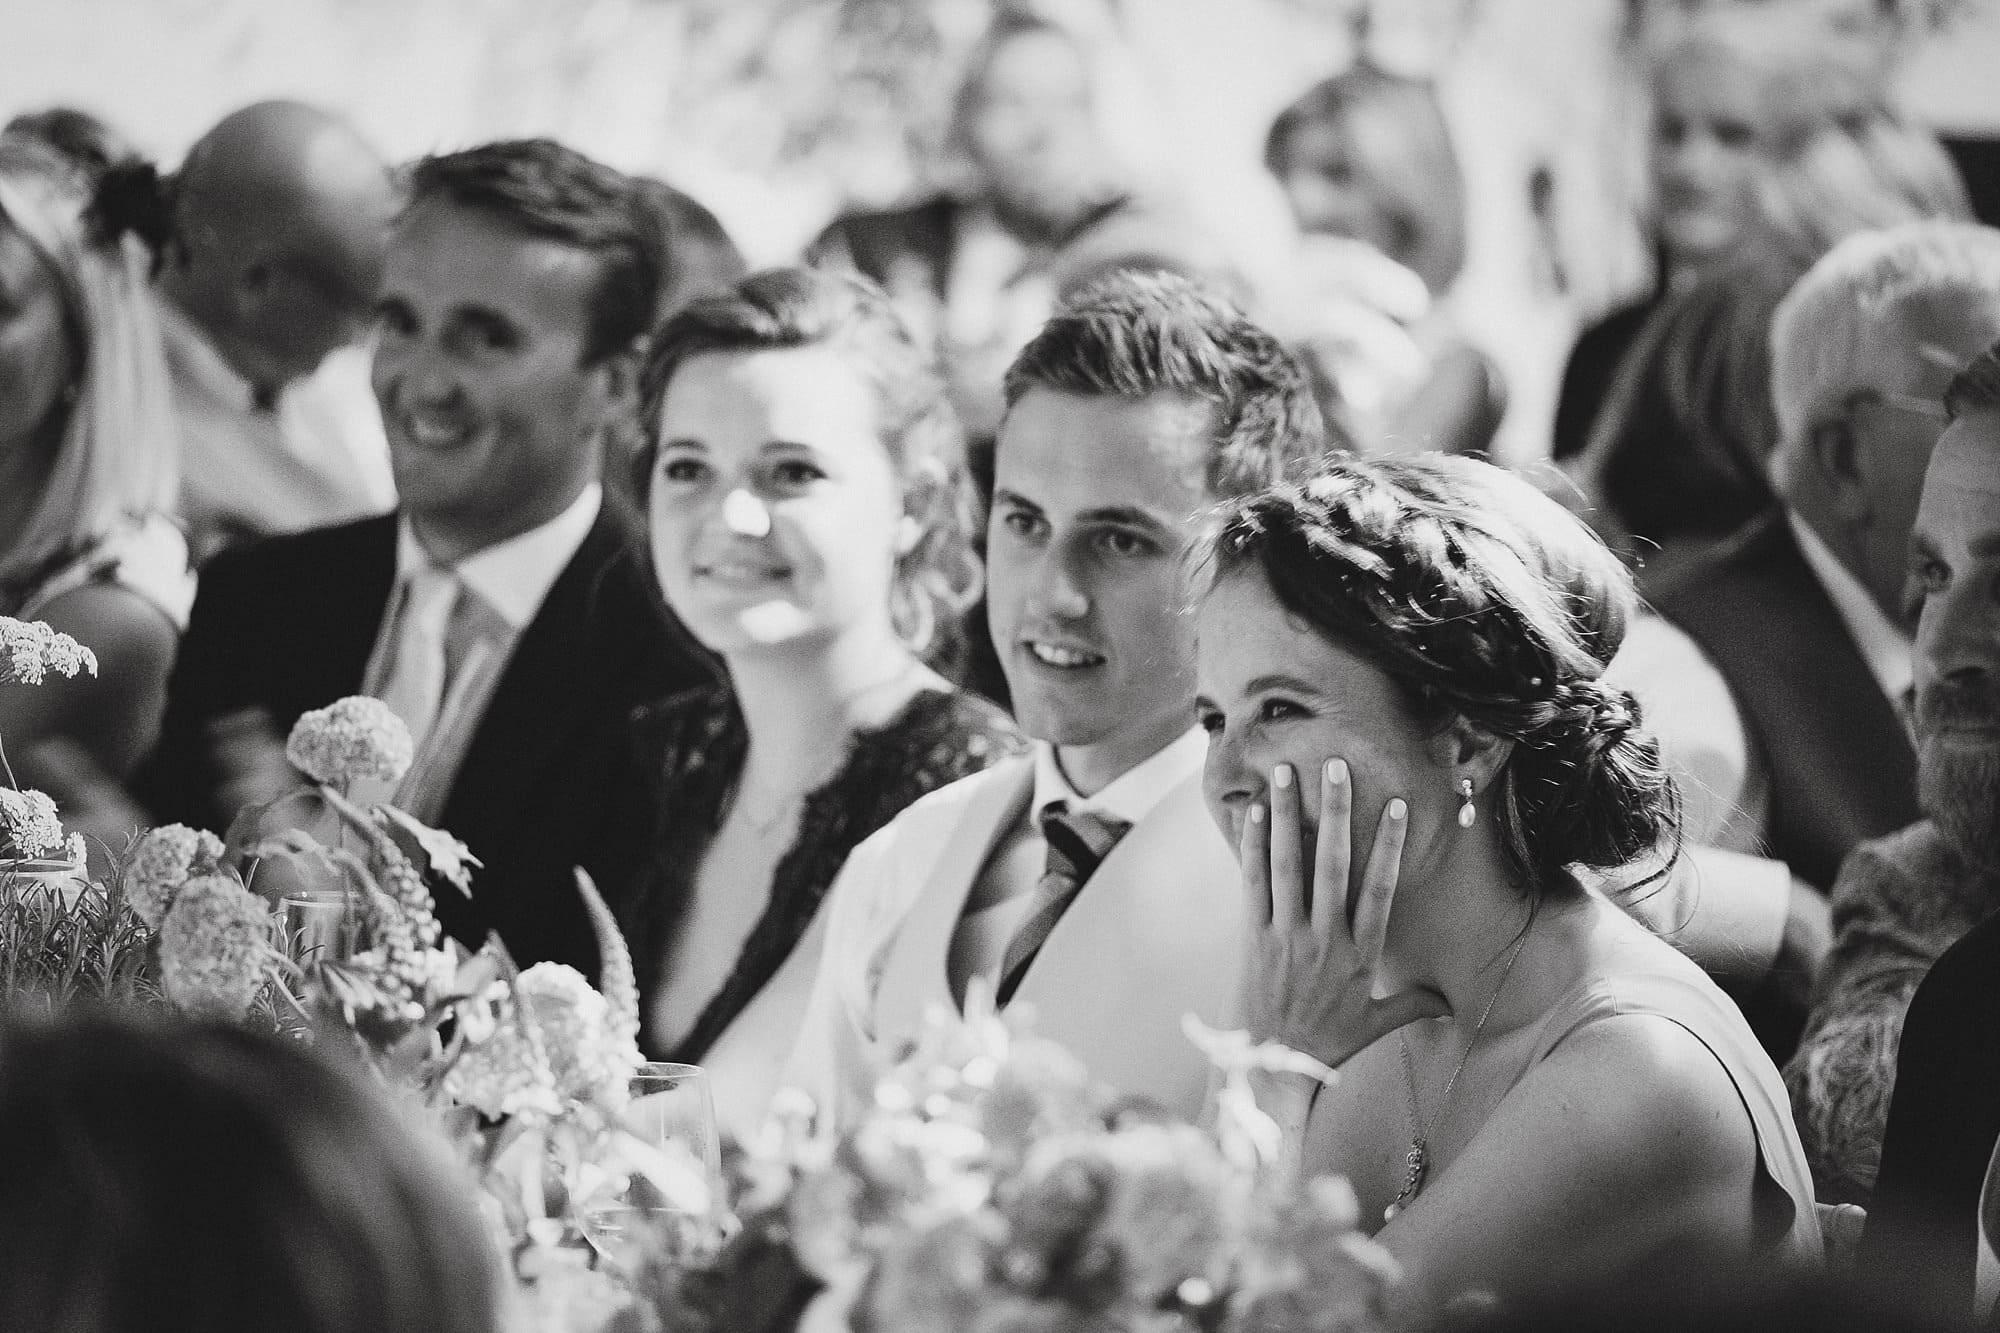 fulham palace wedding photographer 079 - Rosanna + Duncan | Fulham